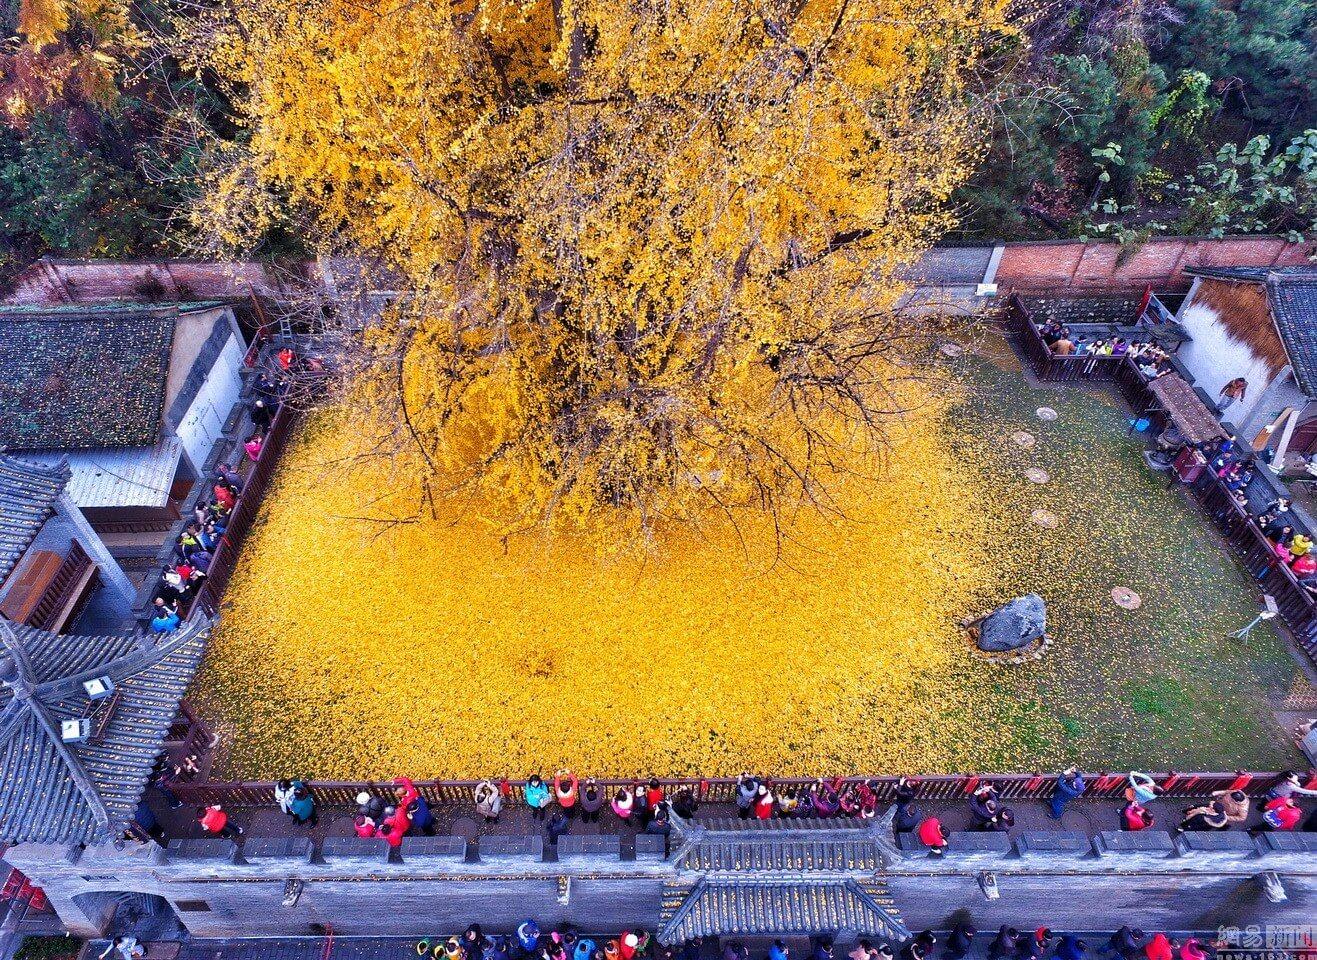 1400 Jahre alter Ginko Baum hinterlässt ein Meer aus